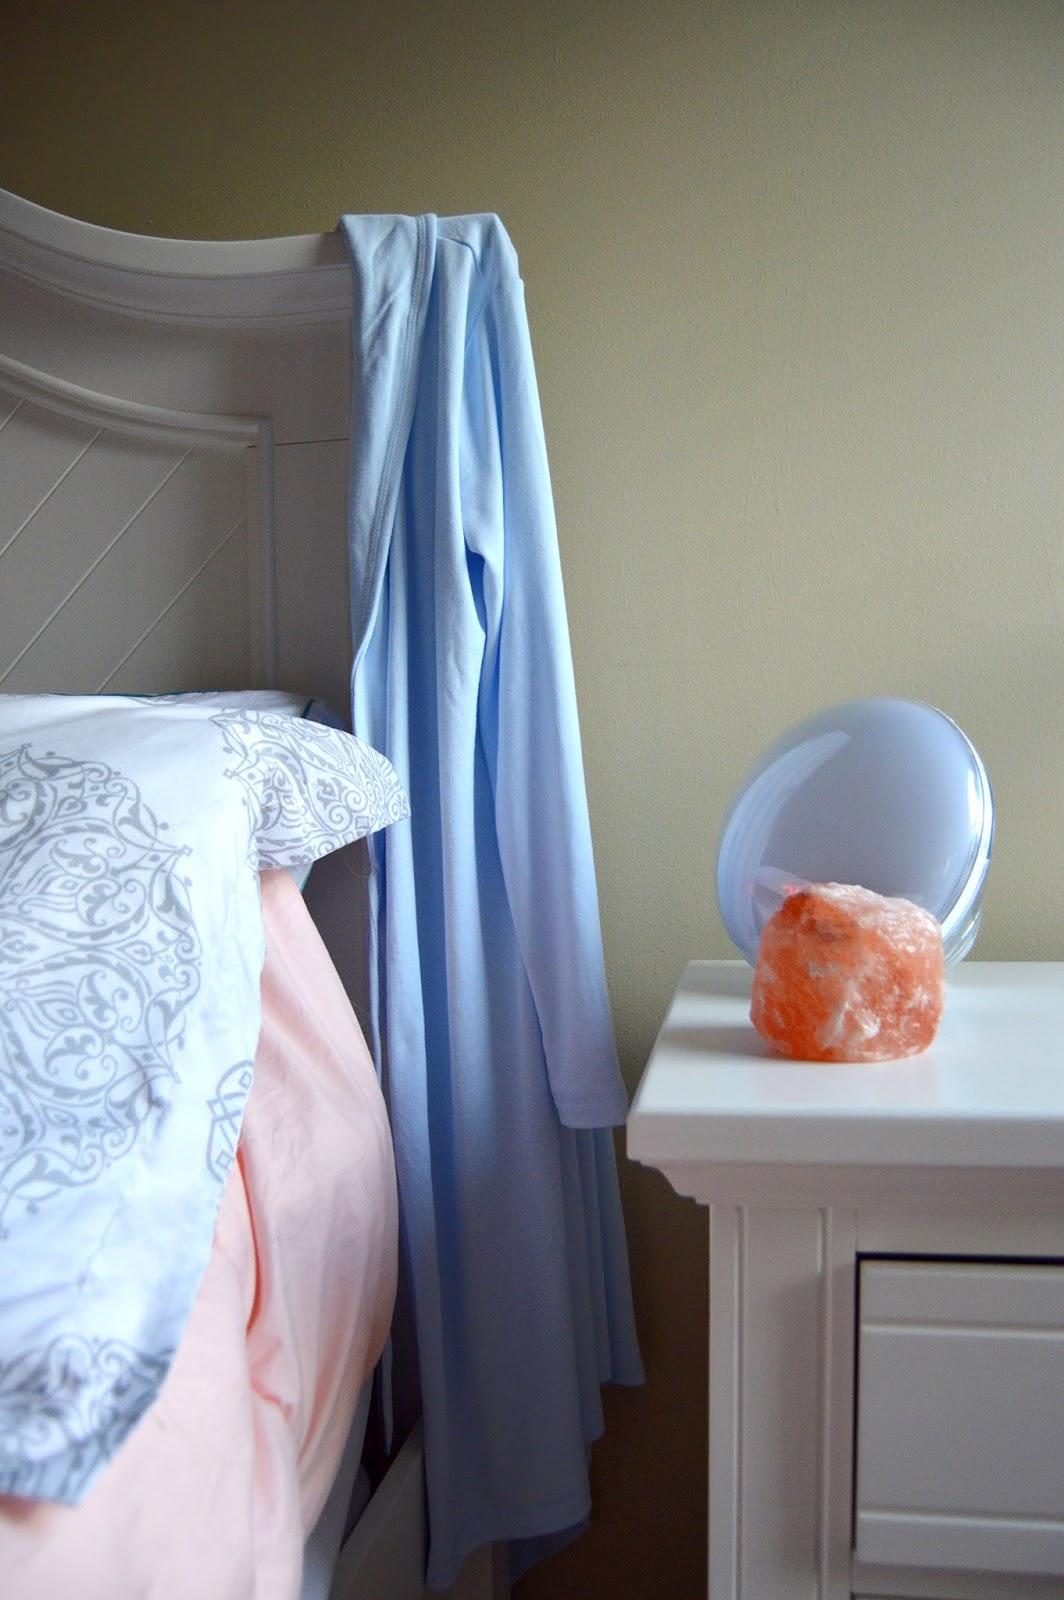 sunrise alarm clock, bedtime routine, sleep hygiene